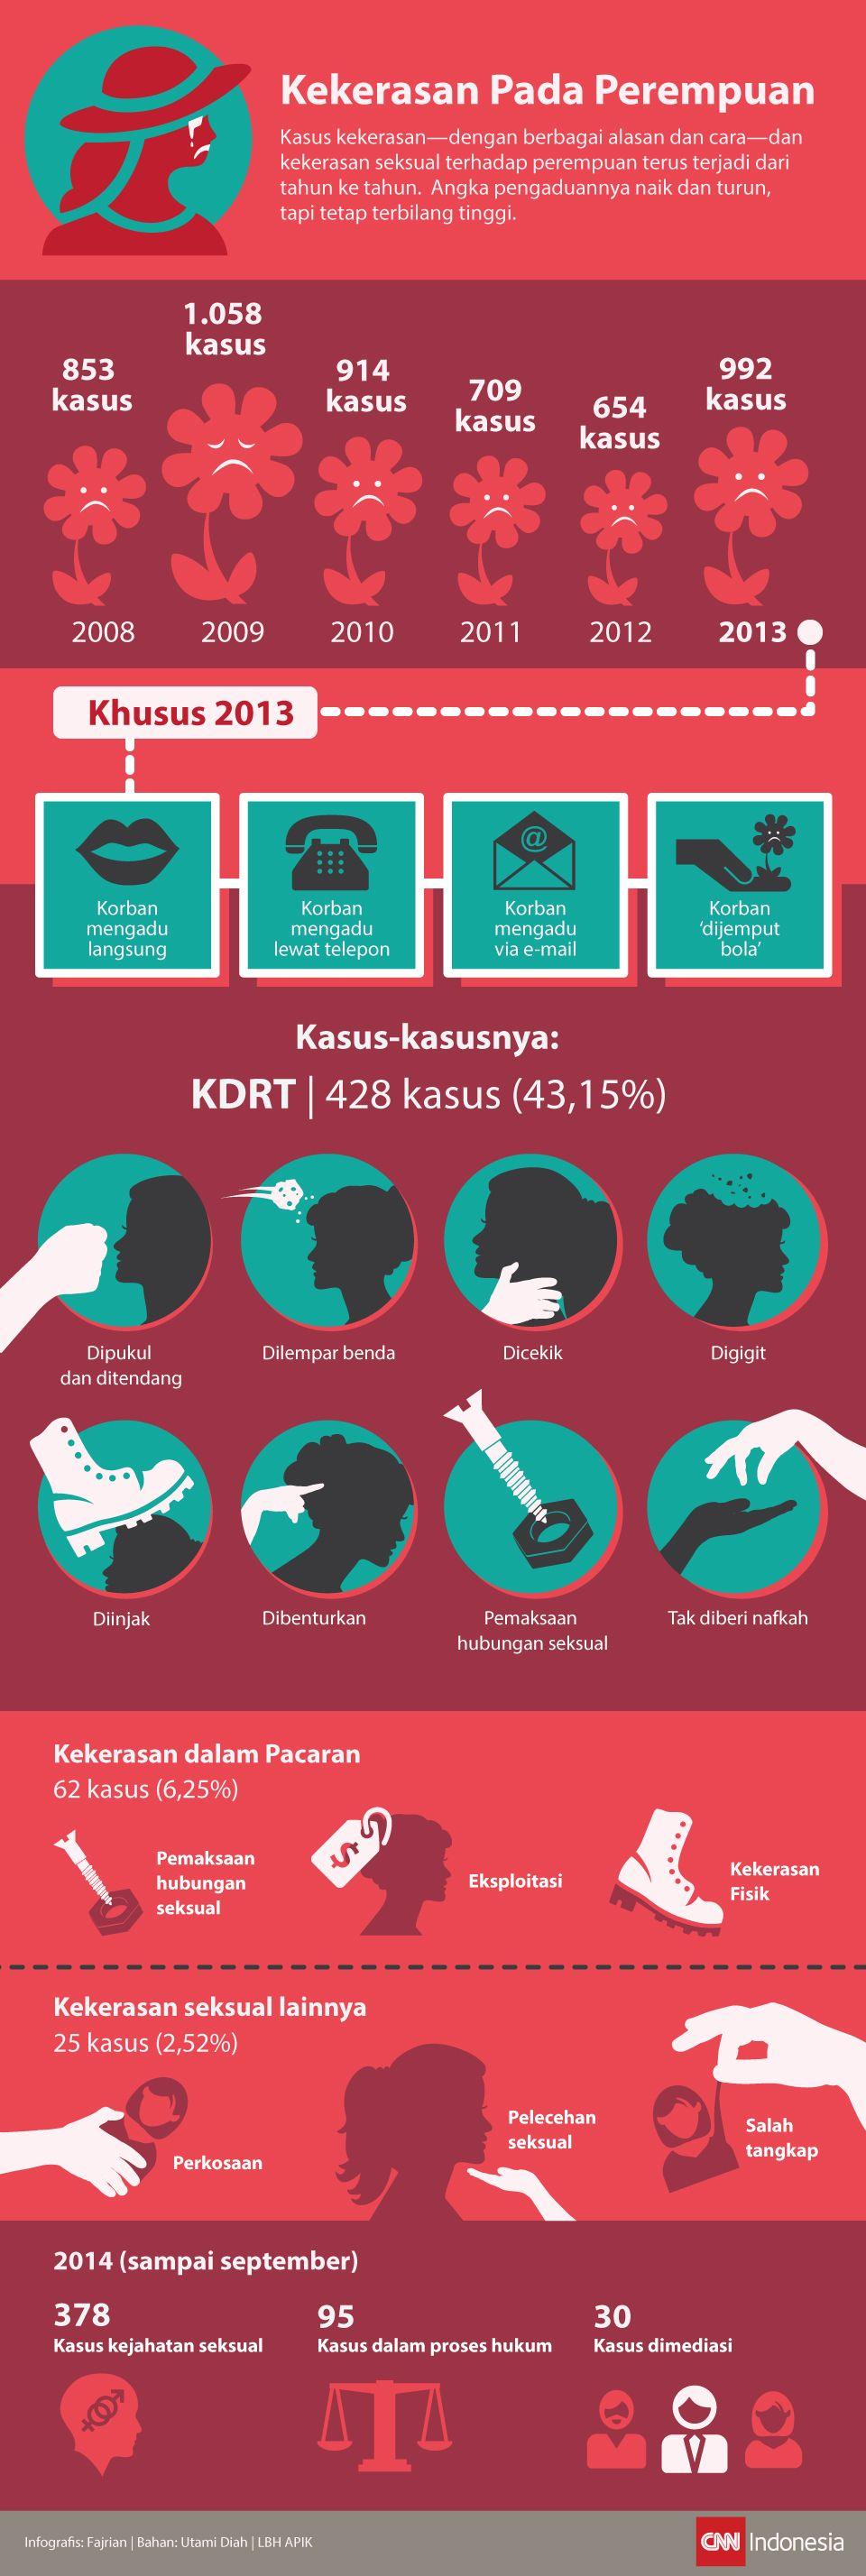 Kasus Kekerasan Pada Perempuan dalam Infografis